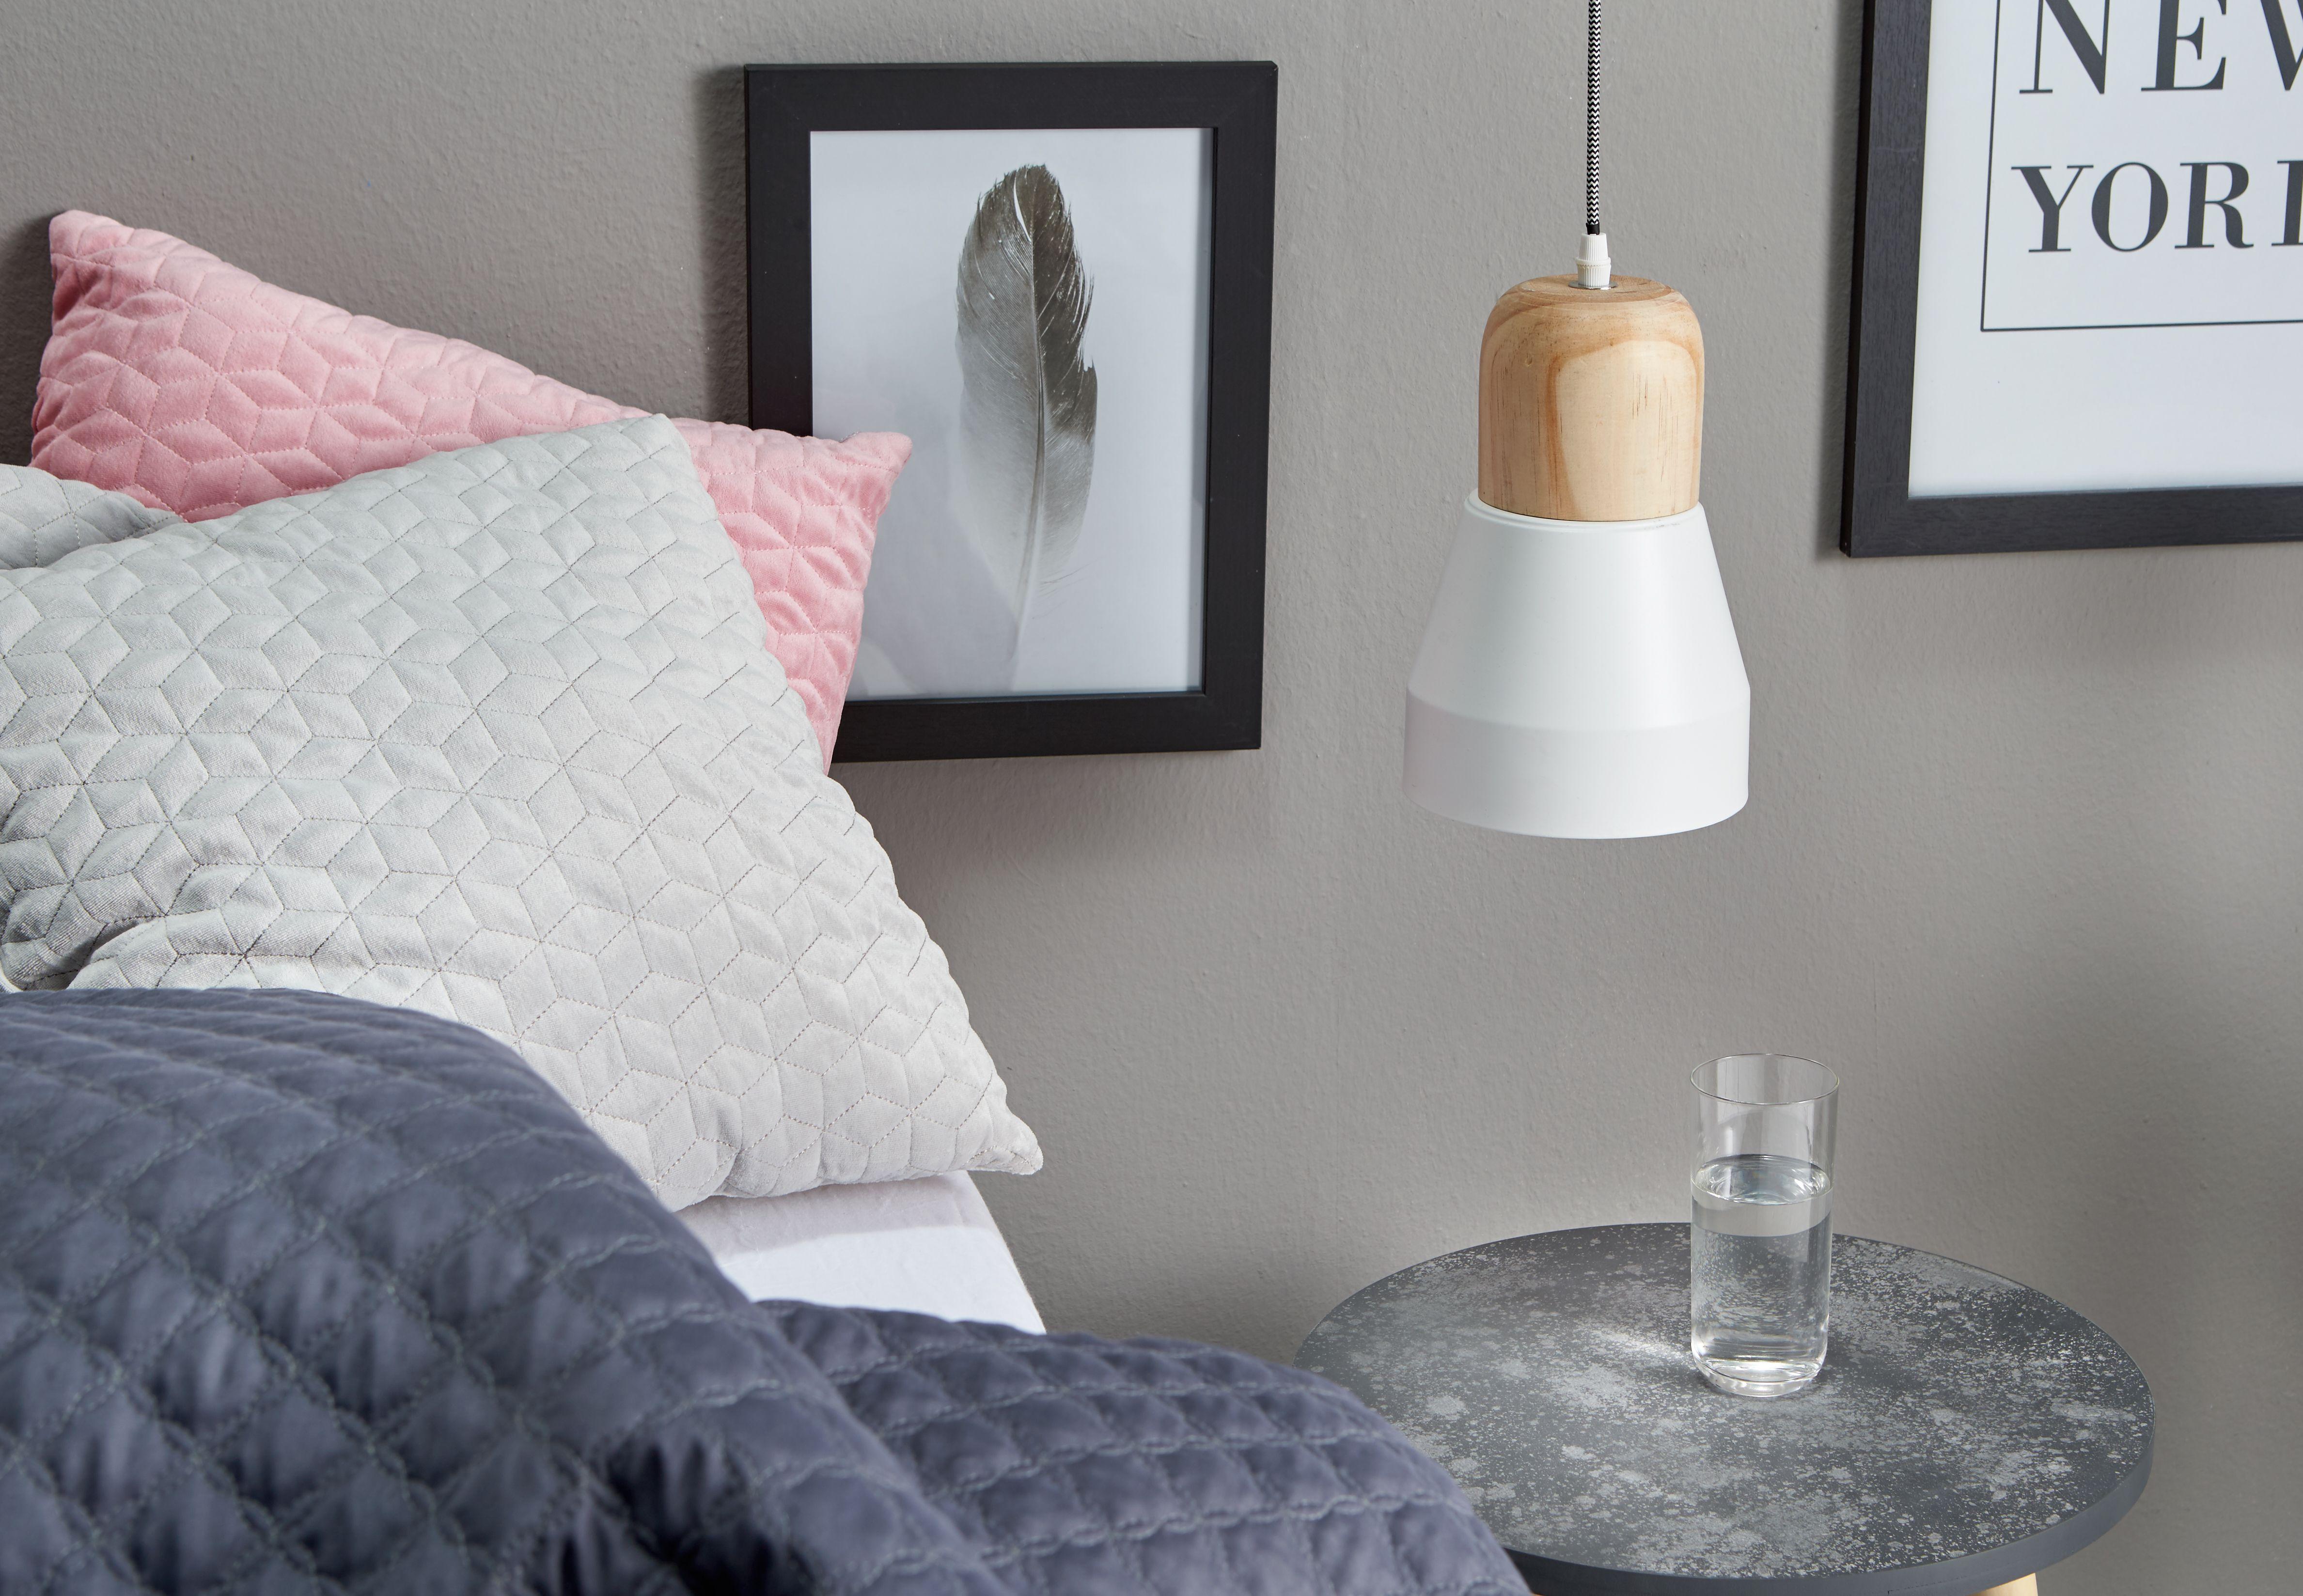 Goedkope Hanglampen Slaapkamer : Ook voor in de slaapkamer vind je bij ons de mooiste verlichting